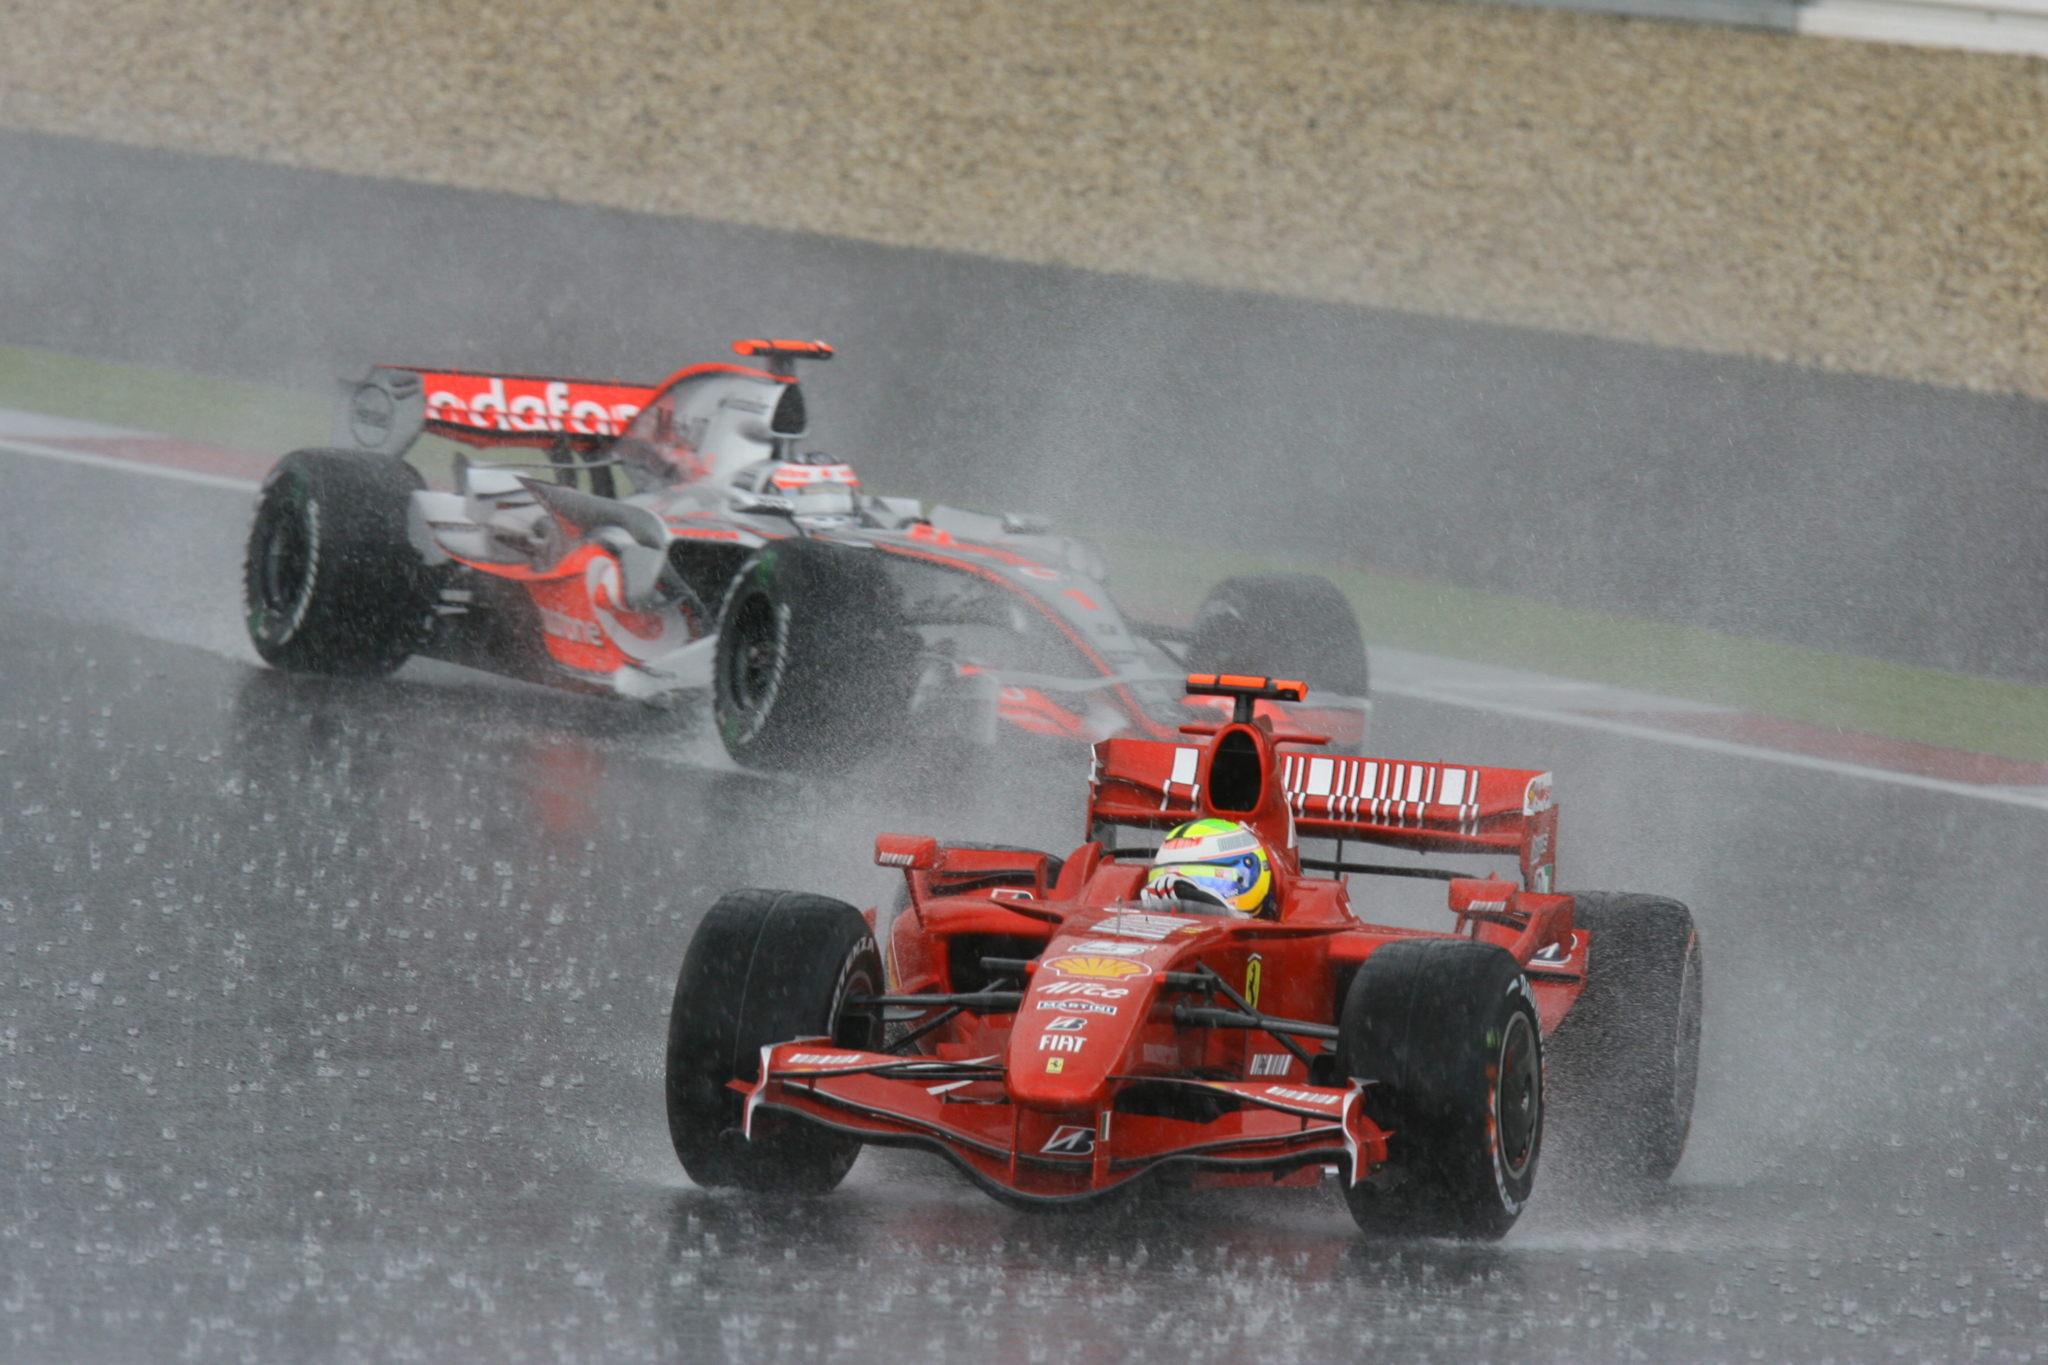 Massa y Alonso batallando en Nurburgring antes de su pique en 2007